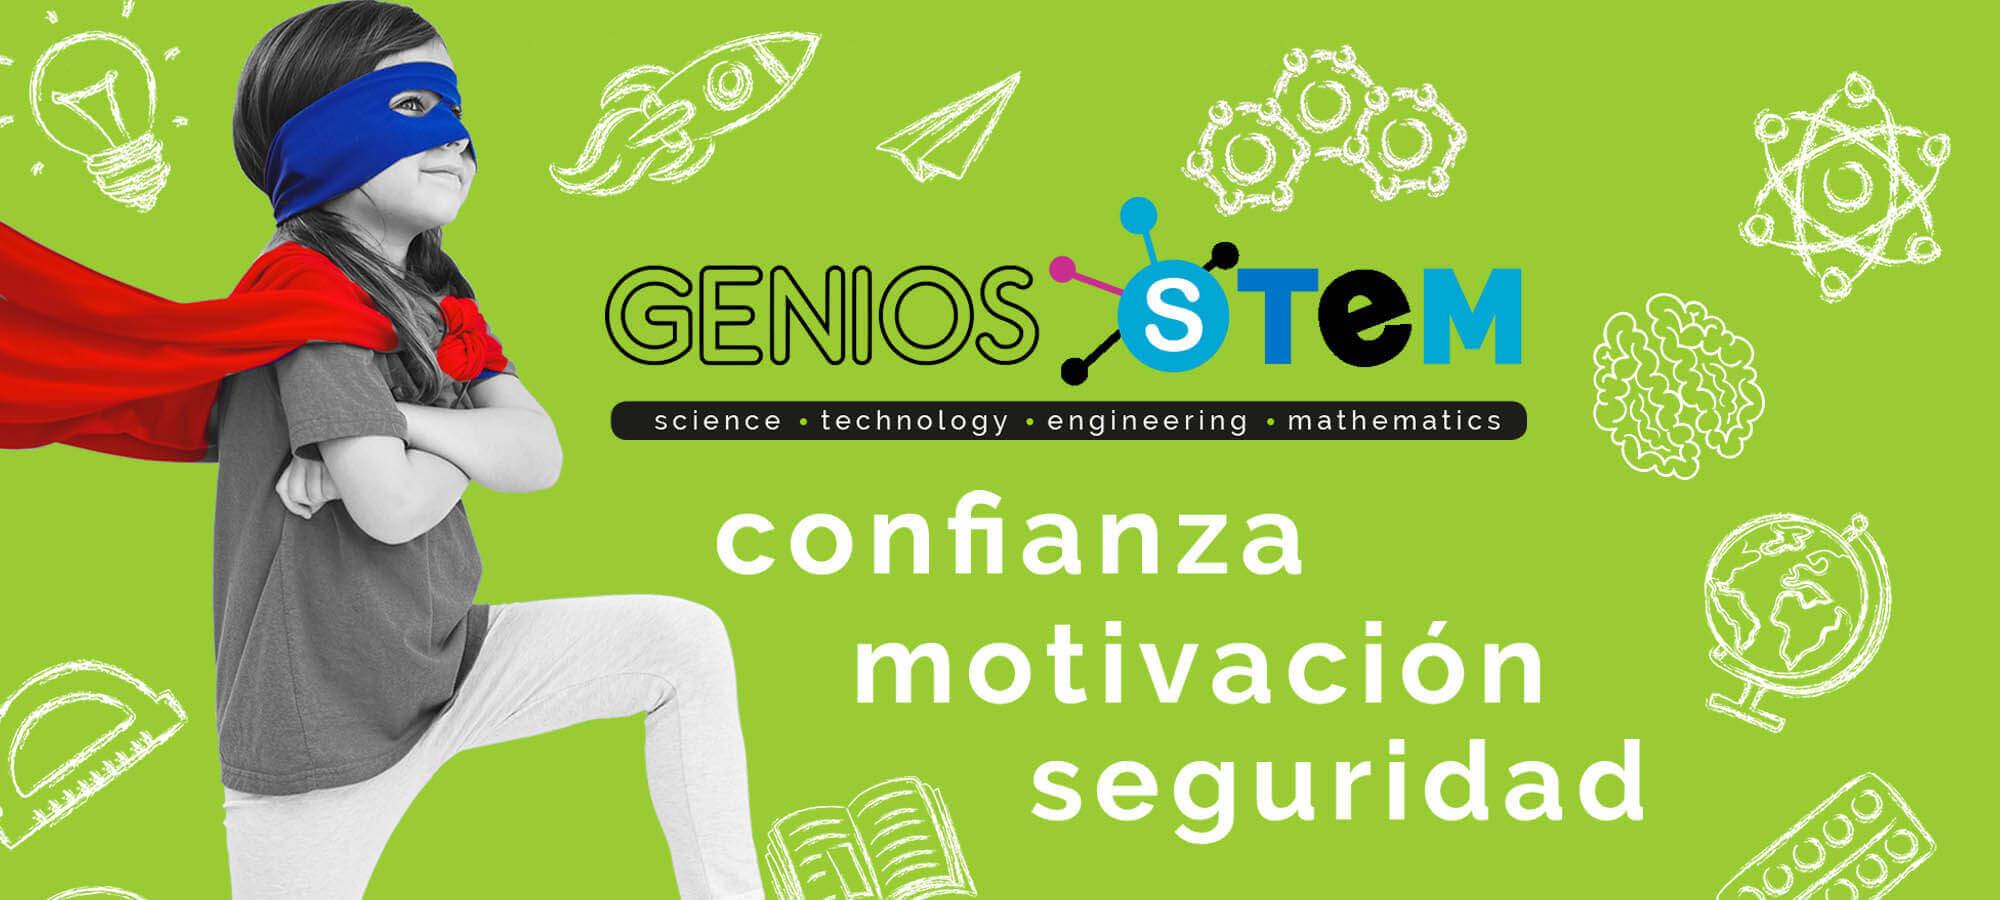 confianza motivacion seguridad educacion Genios STEM